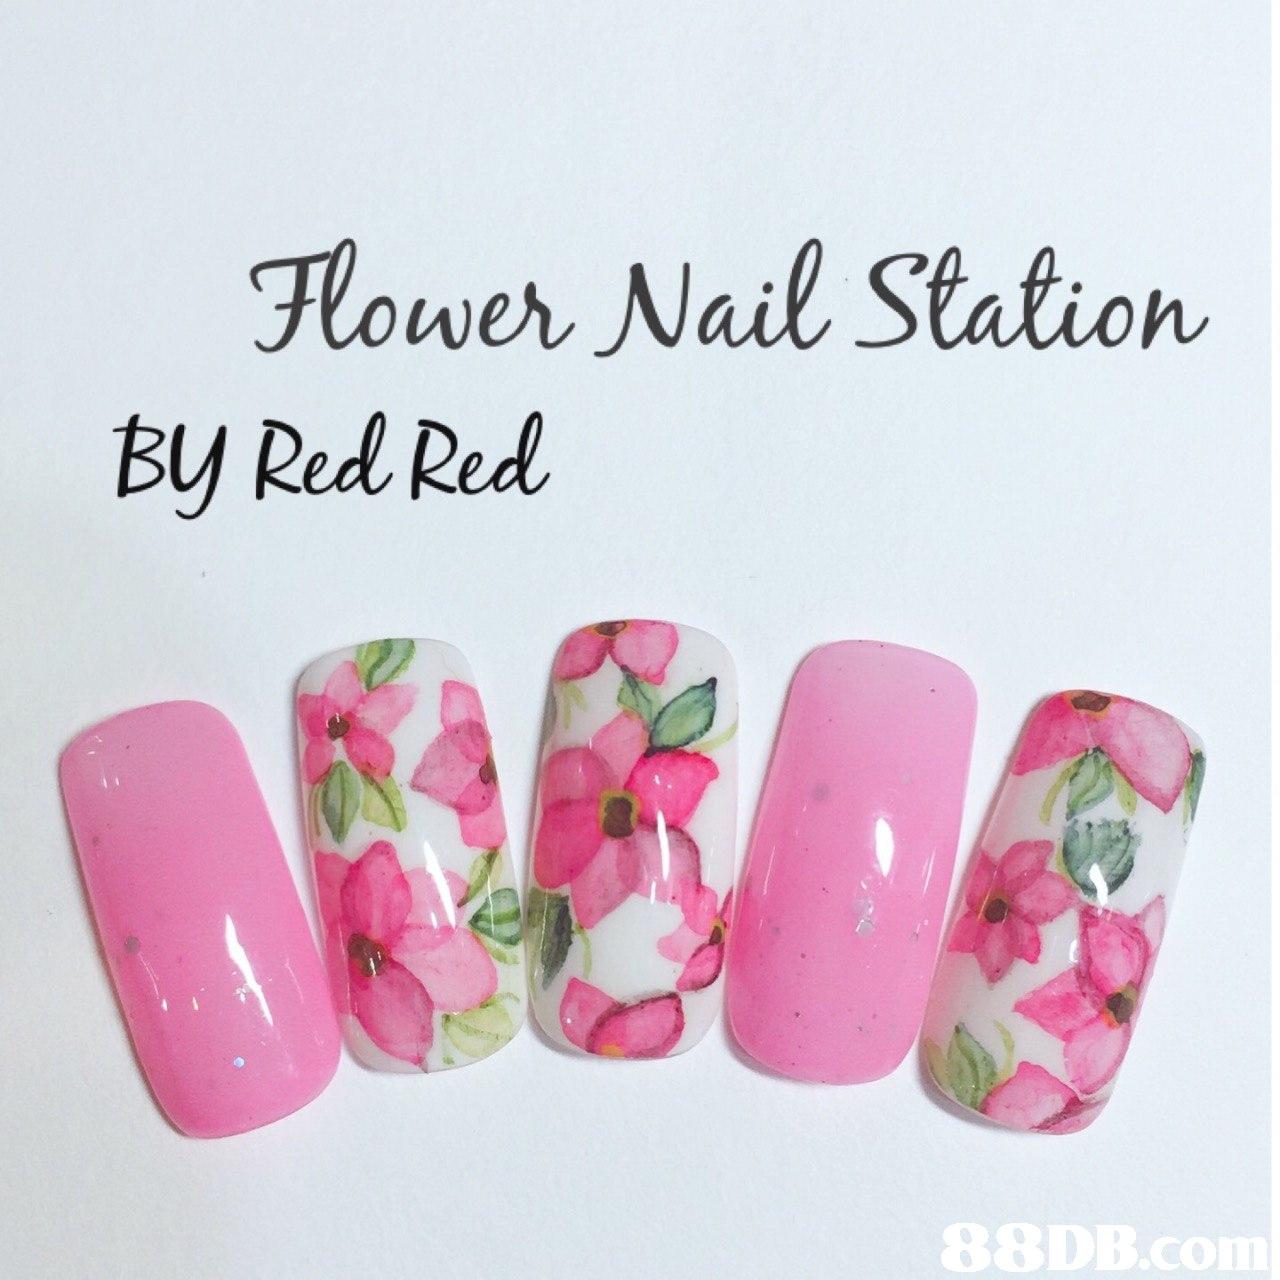 lower Nail Station By Red Red 8DB.com  Nail,Pink,Nail polish,Nail care,Artificial nails